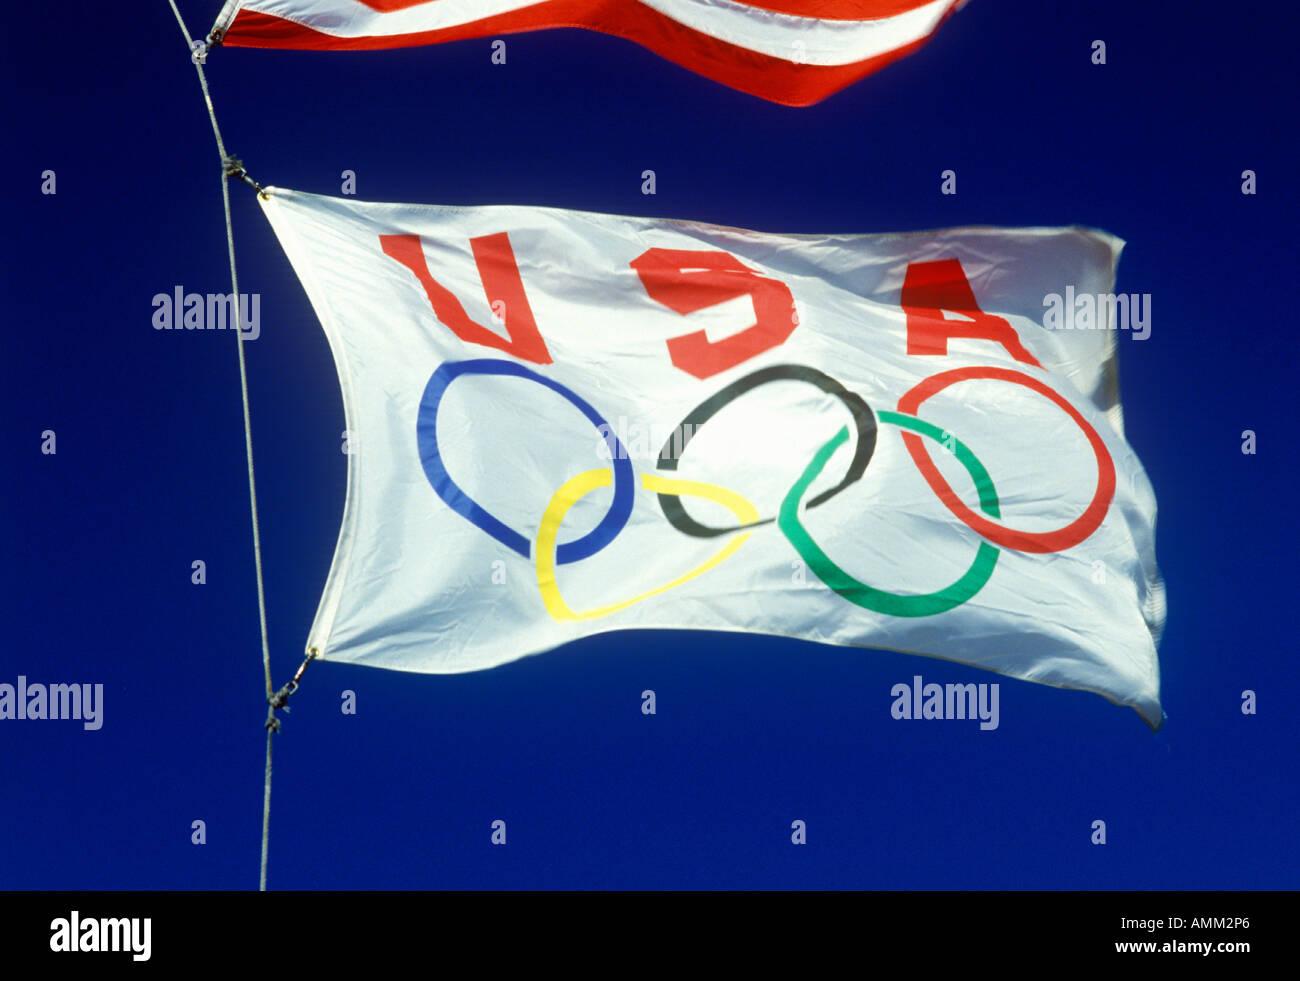 USA Olympic flag - Stock Image